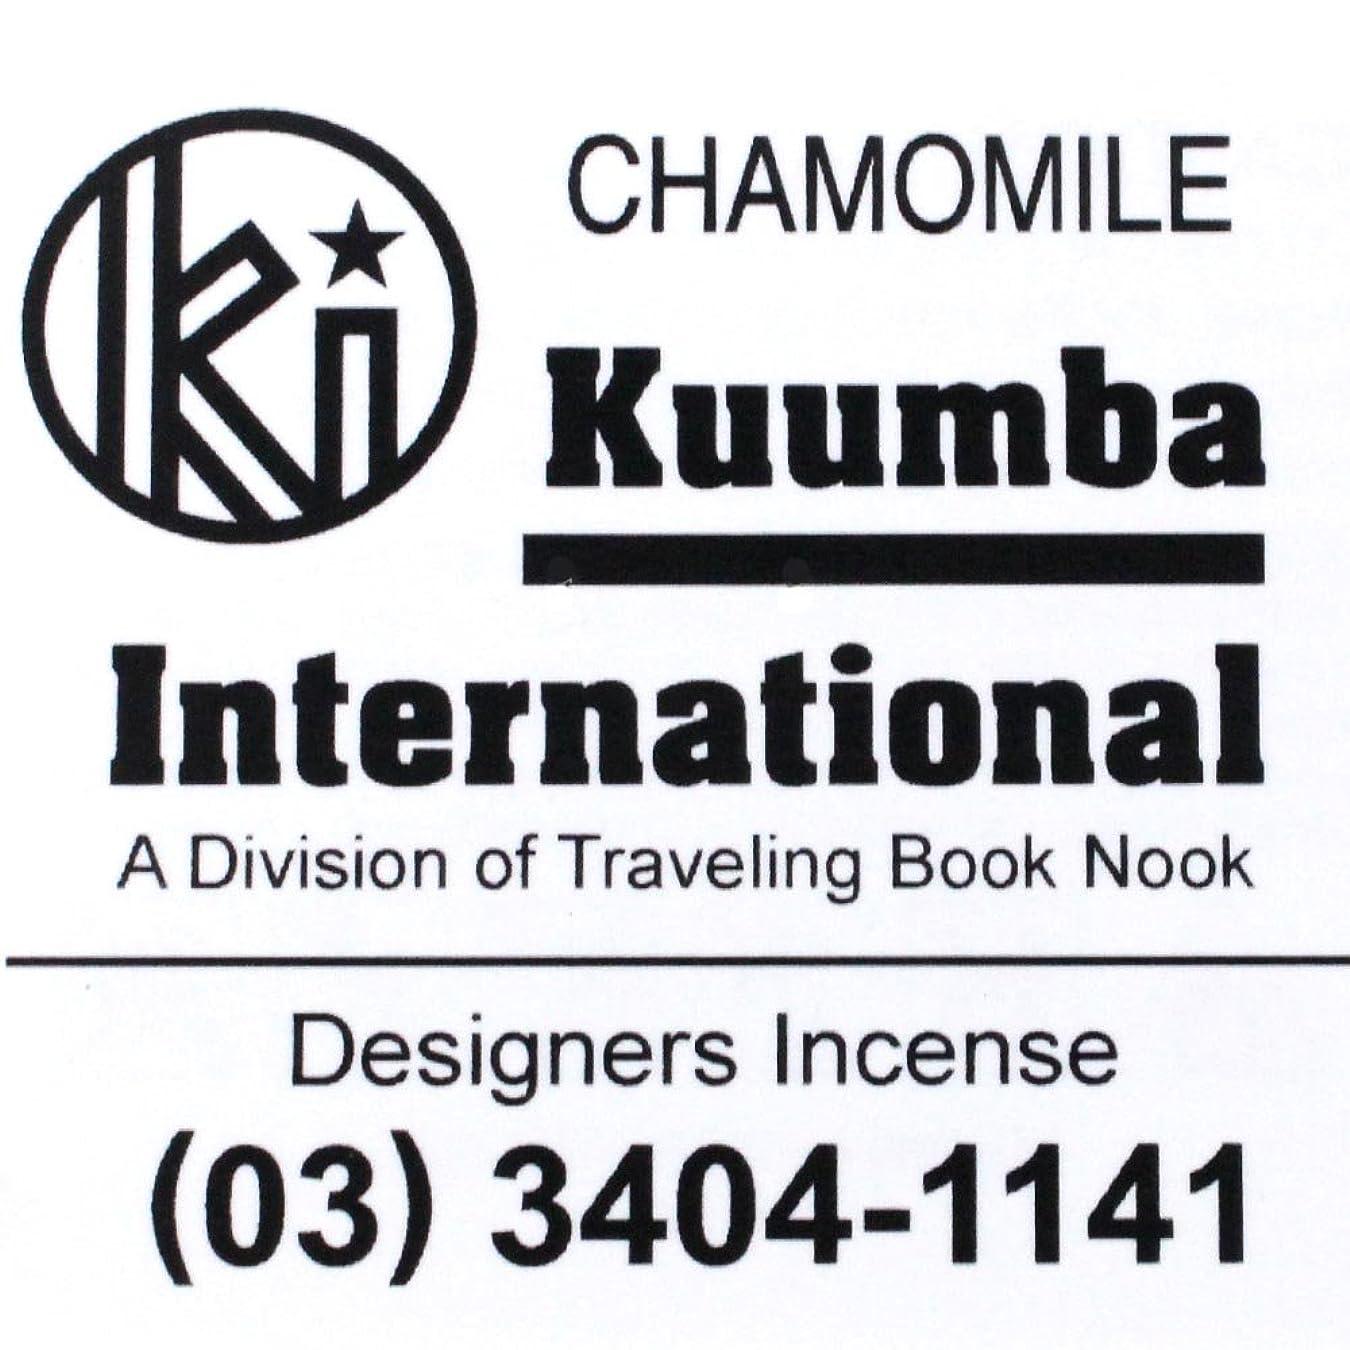 人間保守的マラソン(クンバ) KUUMBA『incense』(CHAMOMILE) (Regular size)